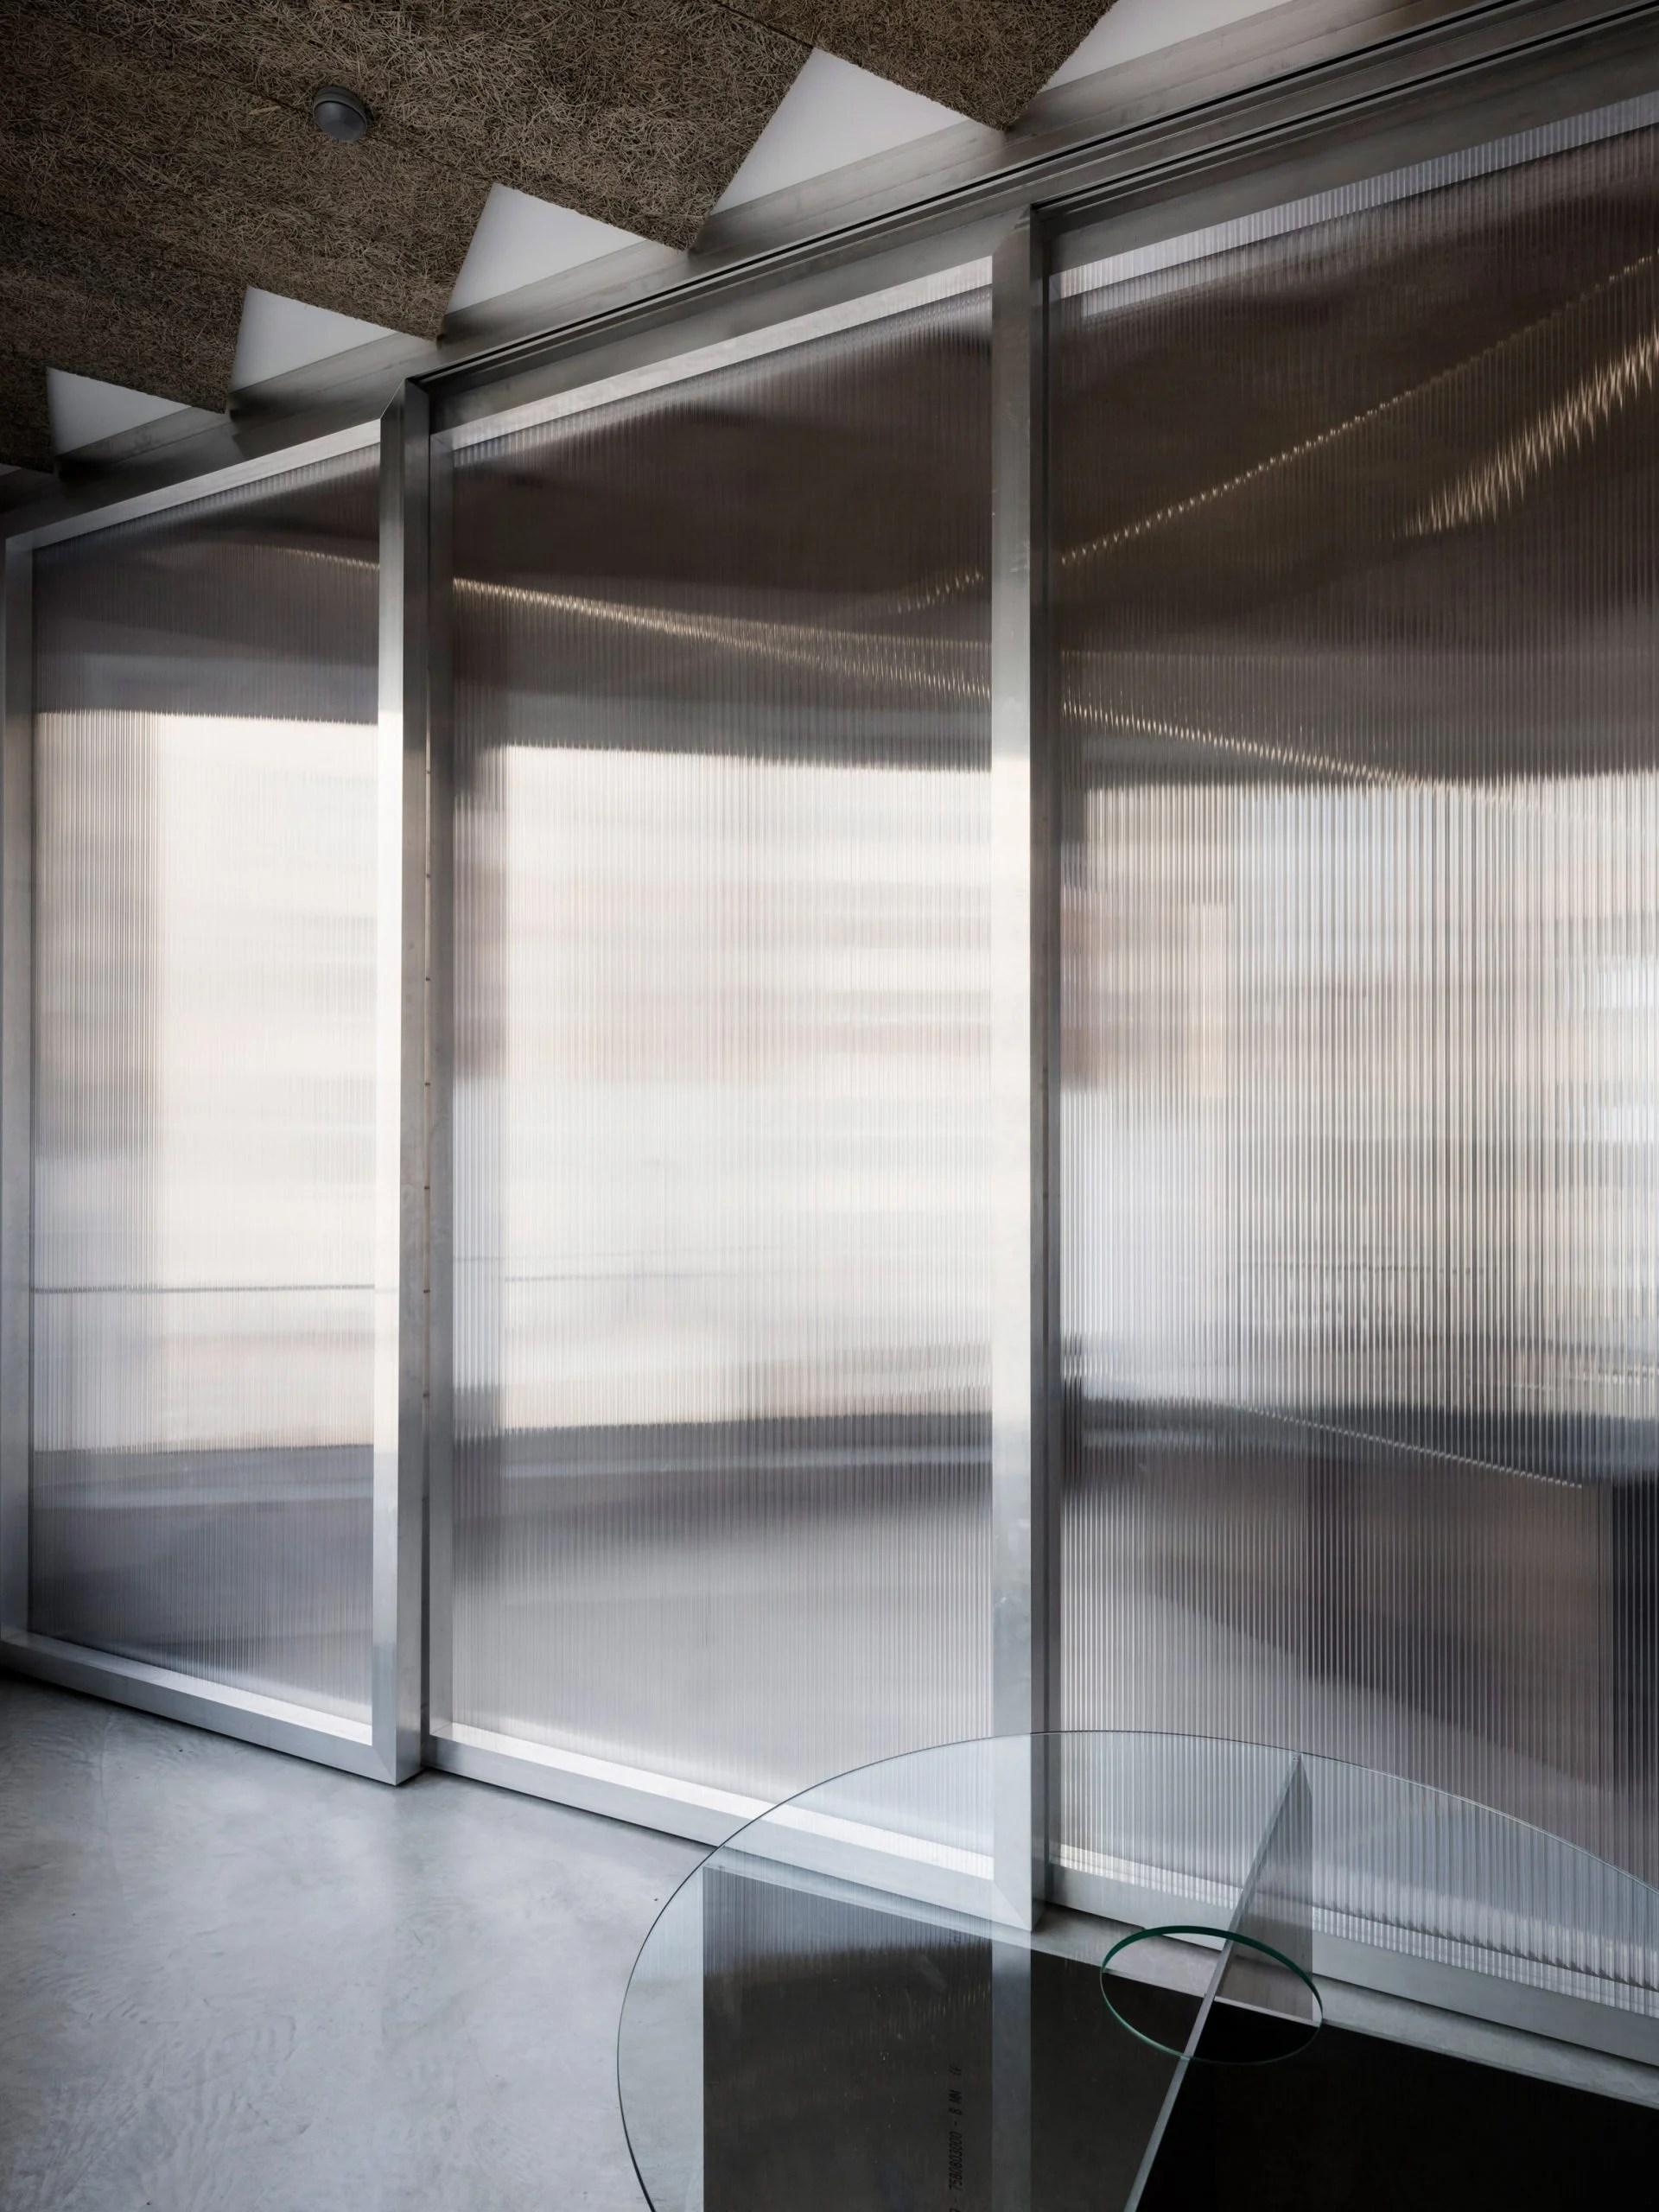 BAM office in Berlin designed by Gonzalez Haase AAS